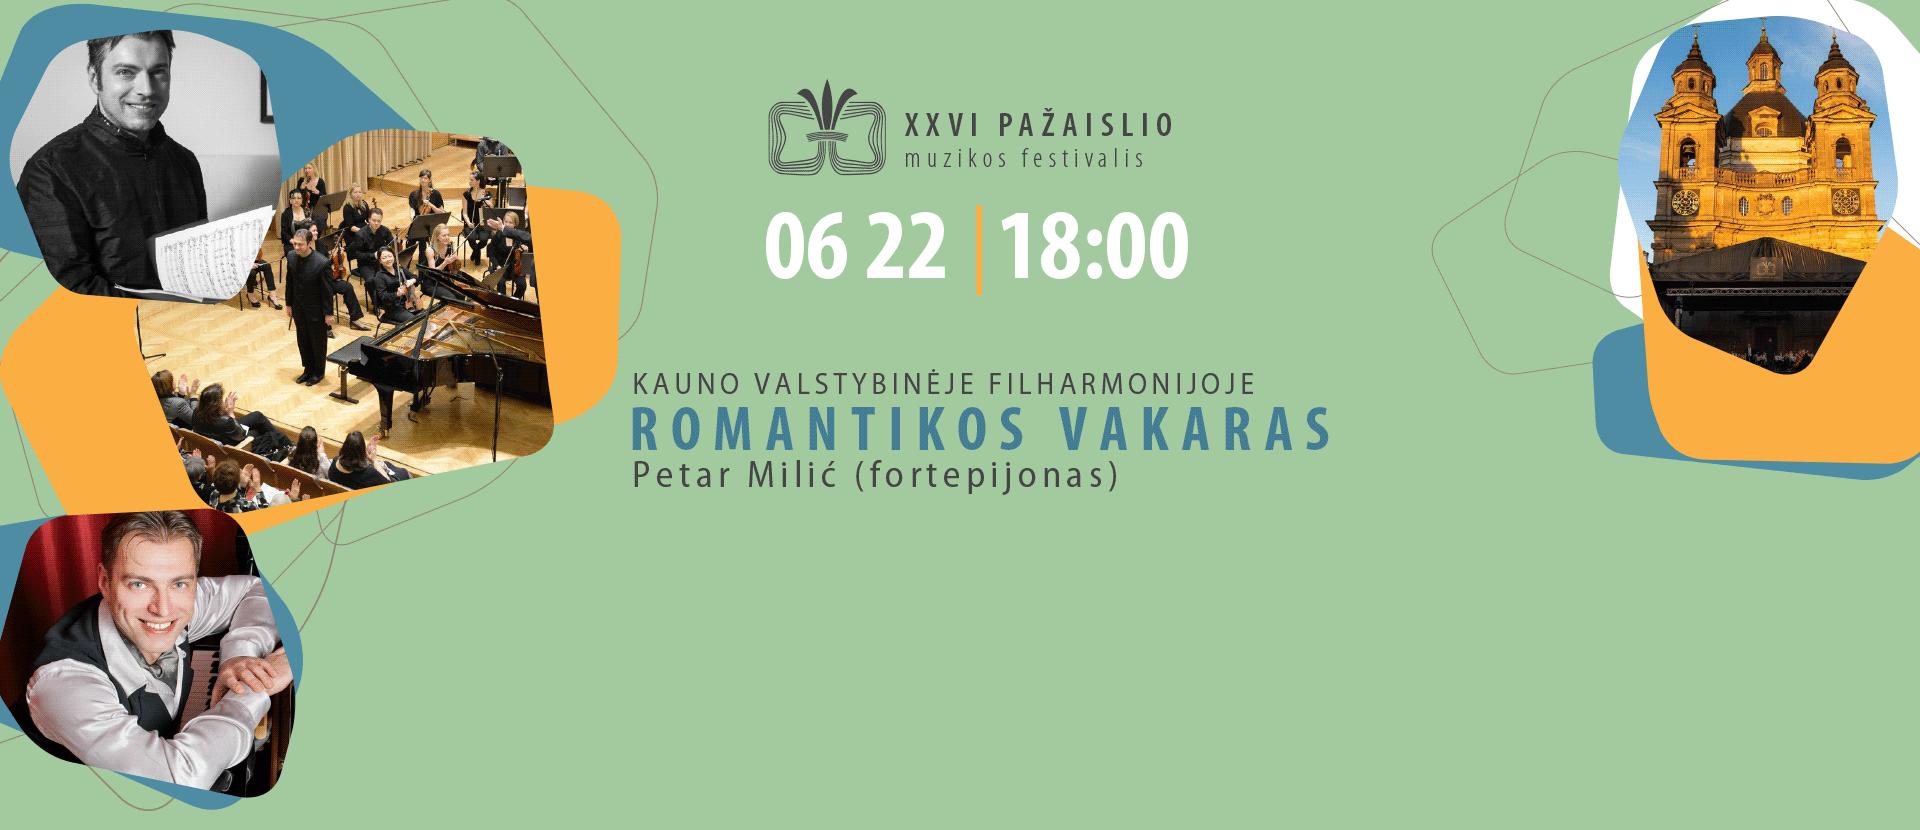 XXVI Pažaislio muzikos festivalis ROMANTIKOS VAKARAS